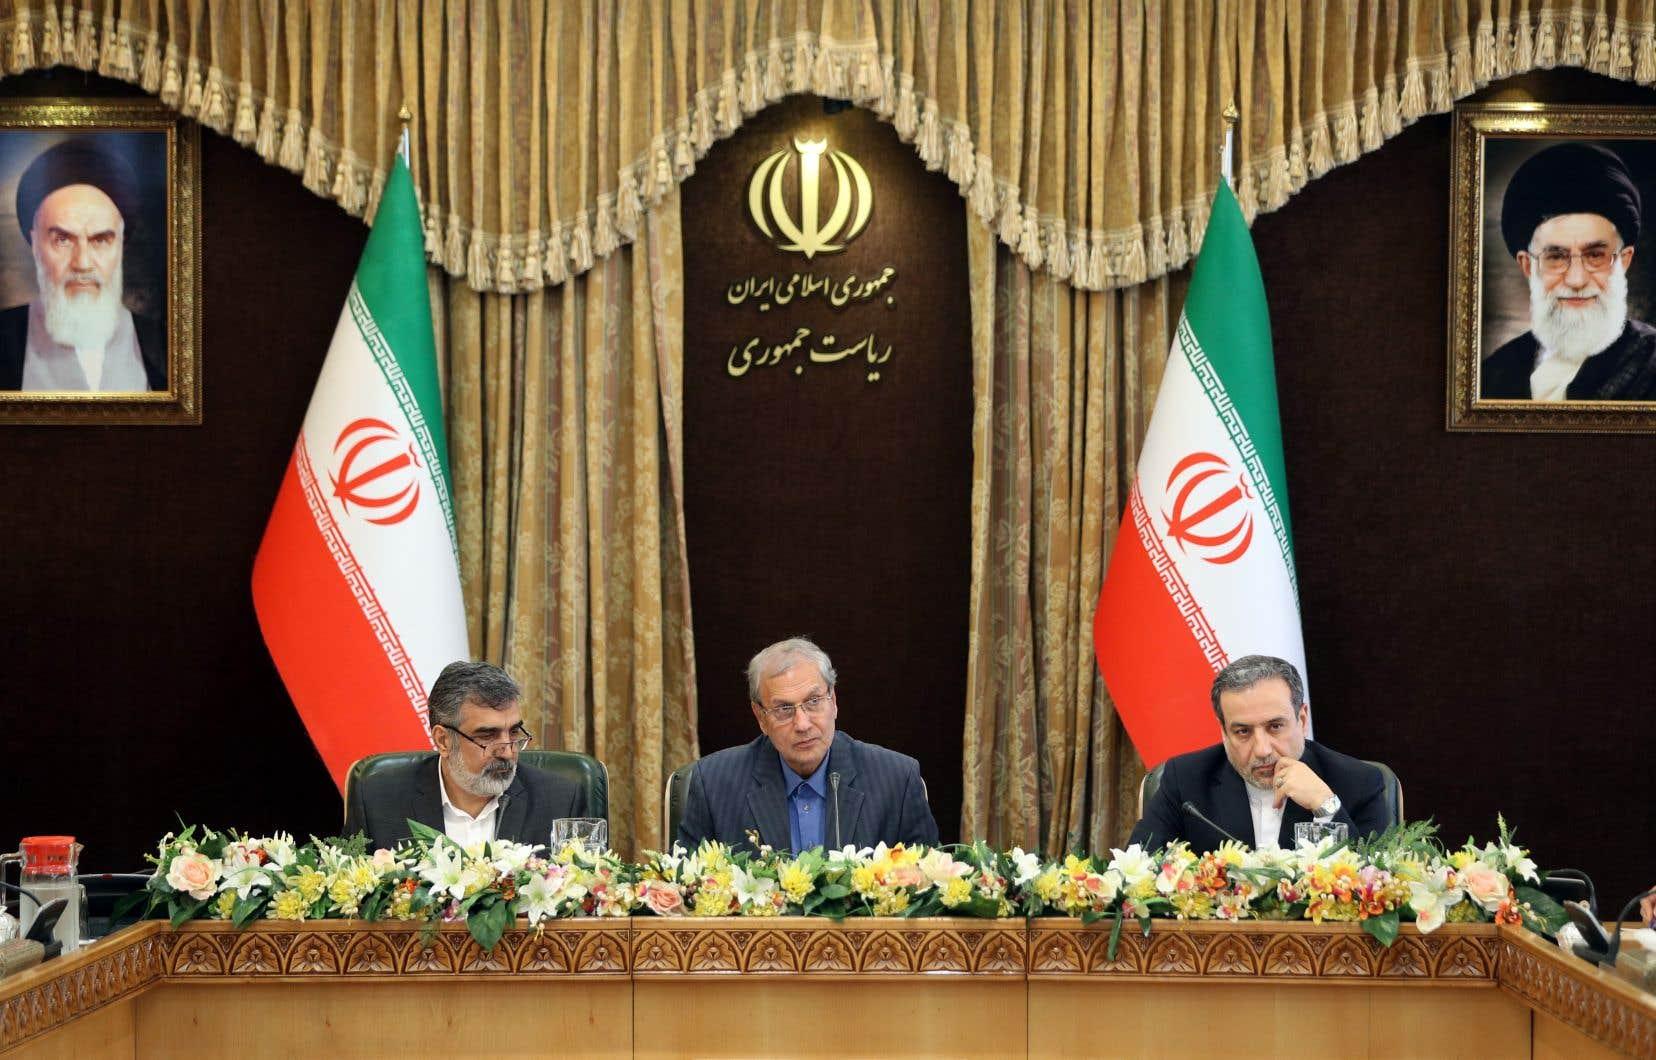 Le porte-parole de l'Organisation iranienne de l'énergie atomique, Behrouz Kamalvandi, le porte-parole du gouvernement, Ali Rabiei, et le ministre des Affaires étrangères, Abbas Araghchi lors d'une conférence de presse le 7 juillet 2019